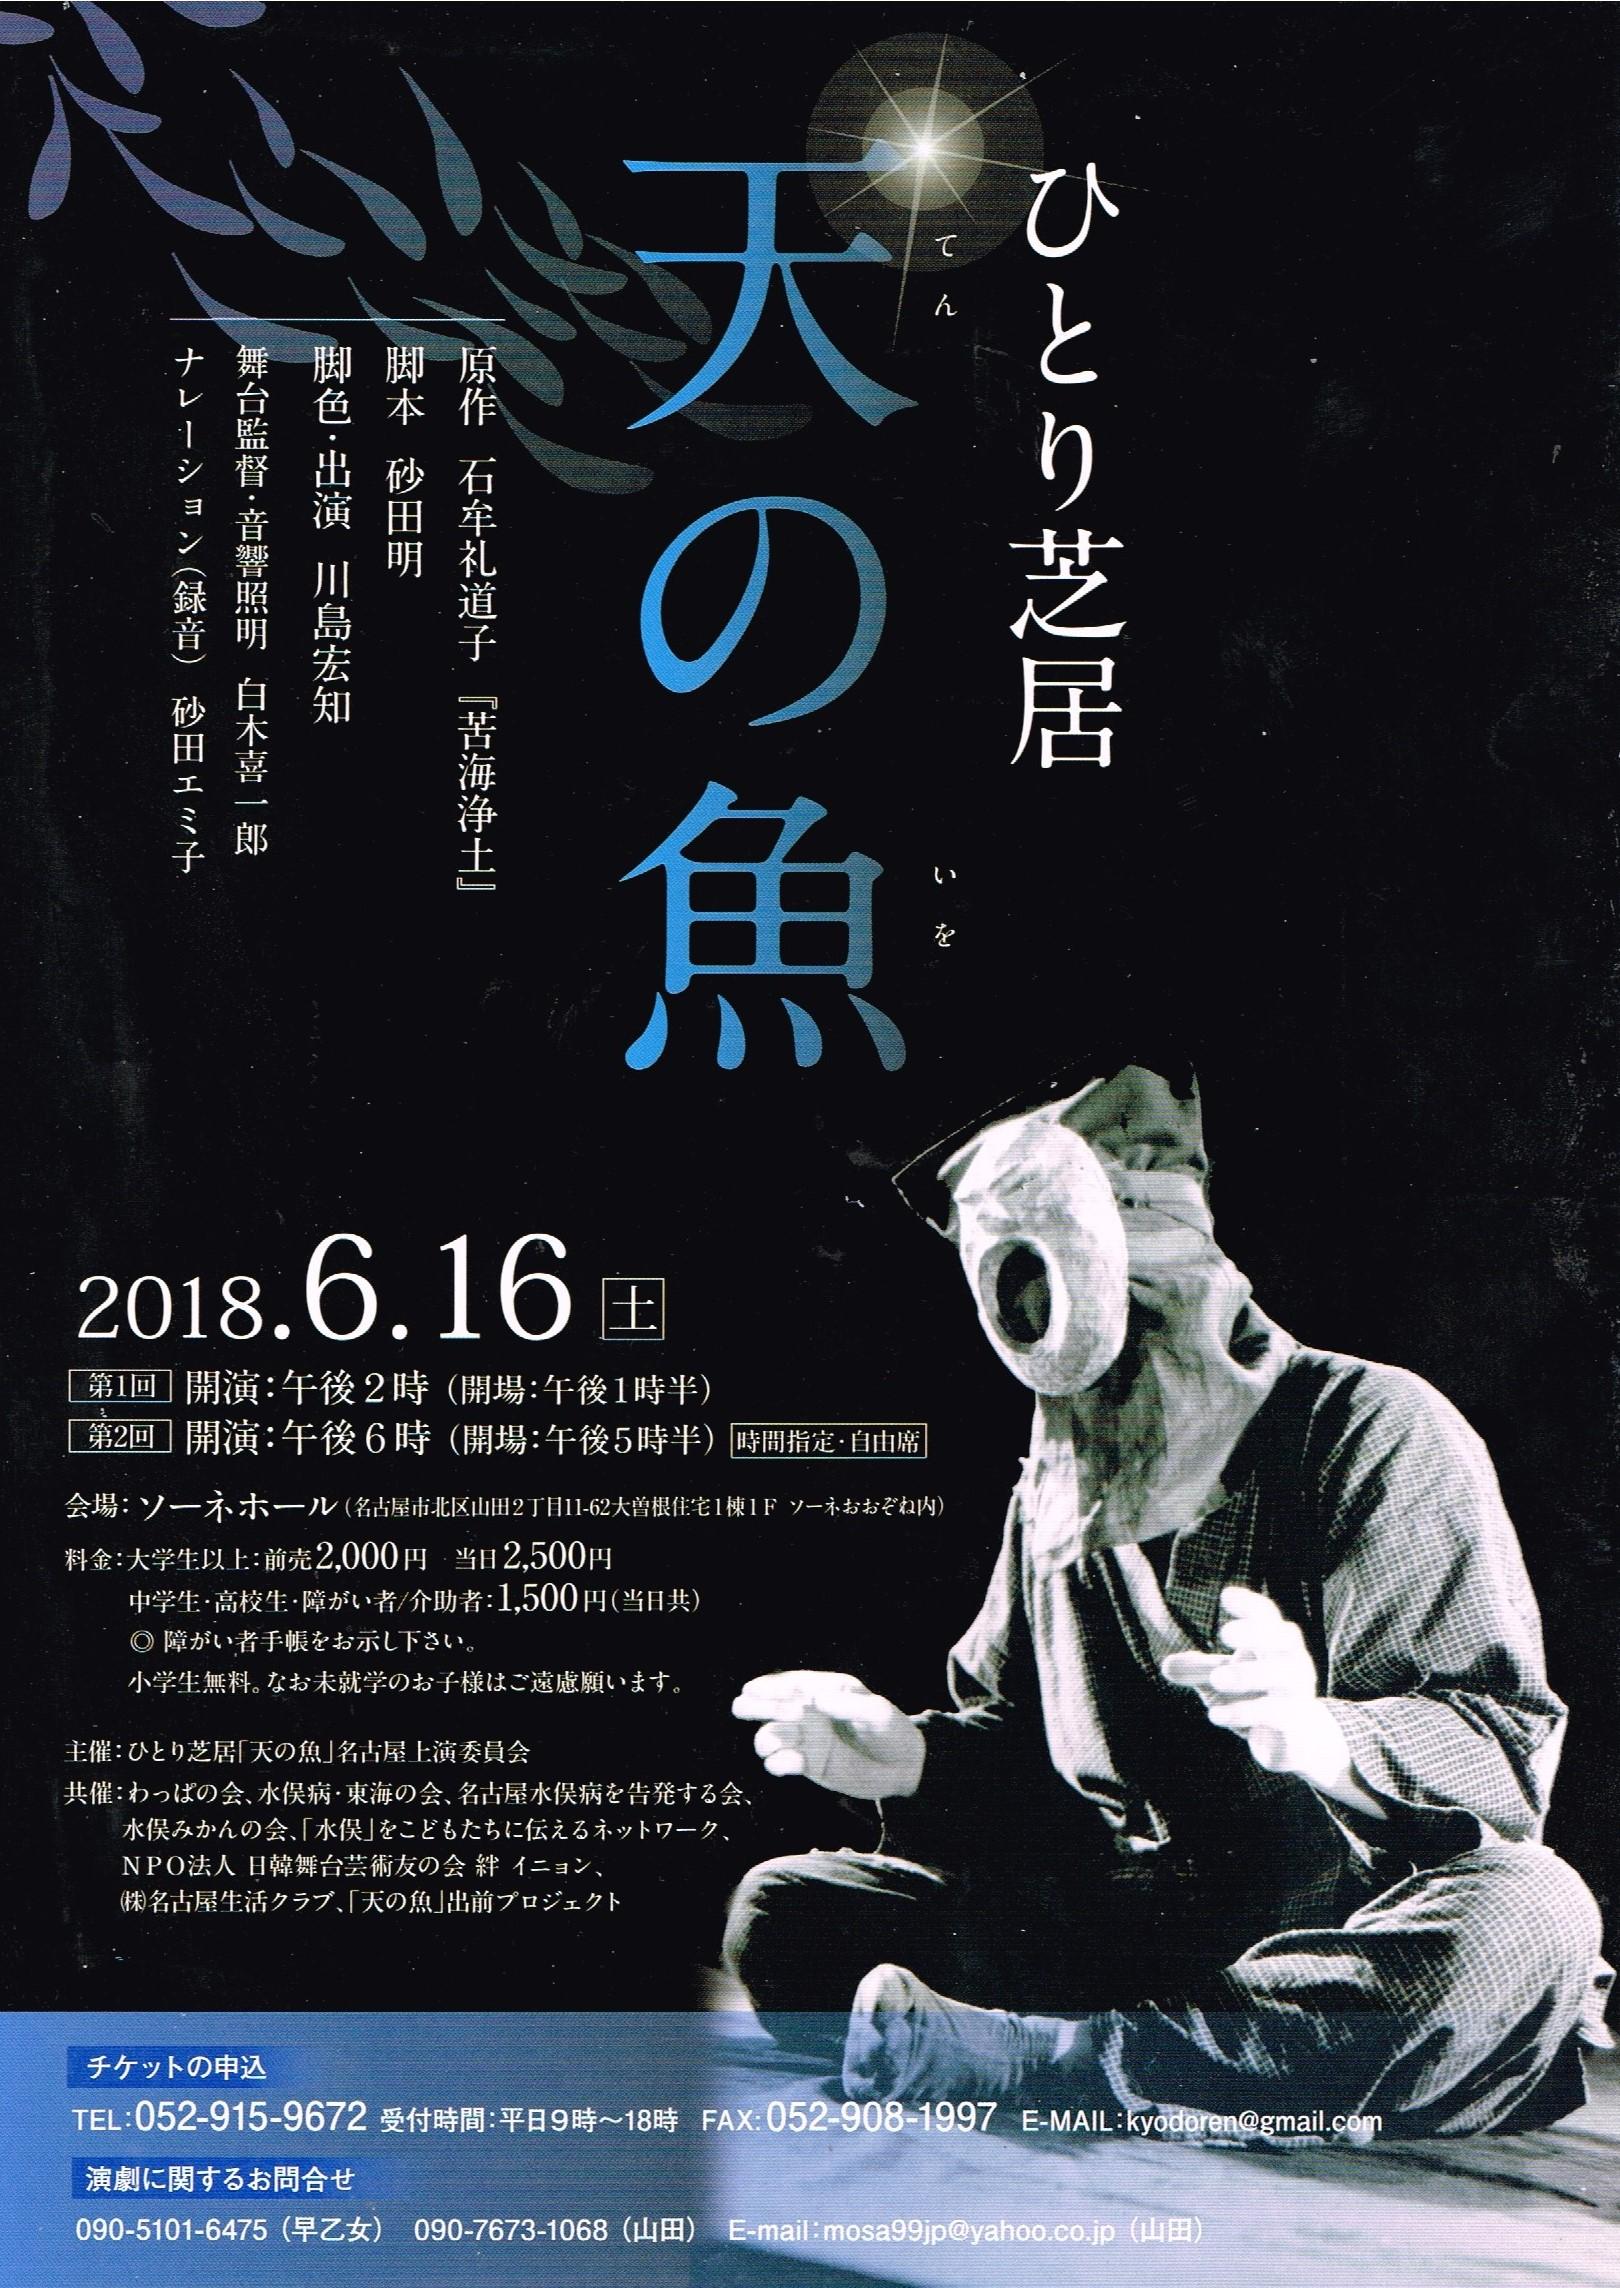 ■6,16 名古屋公演(オモテ)jpeg